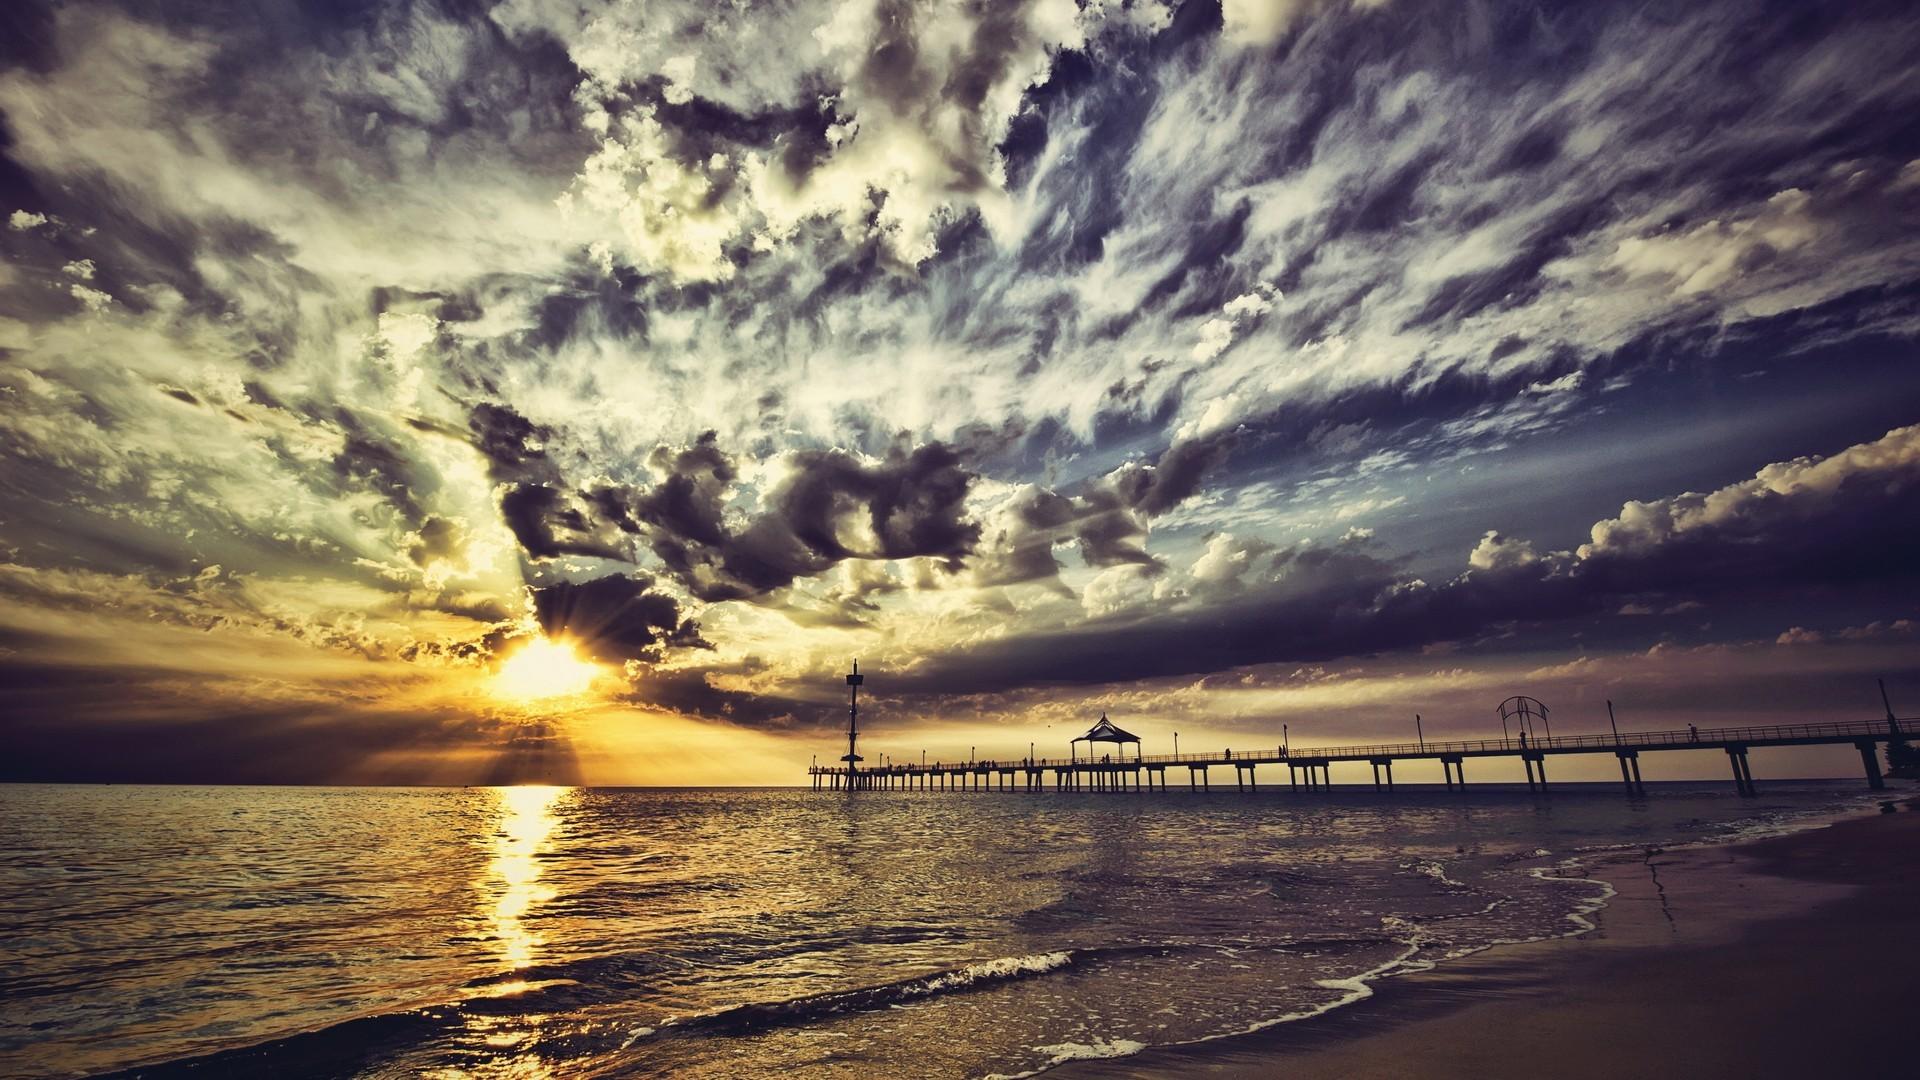 デスクトップ壁紙 日光 日没 海岸 反射 空 ビーチ 日の出 イブニング 朝 太陽 地平線 雰囲気 夕暮れ 雲 夜明け 海洋 残光 風の波 気象現象 19x1080 Mxdp1 918 デスクトップ壁紙 Wallhere